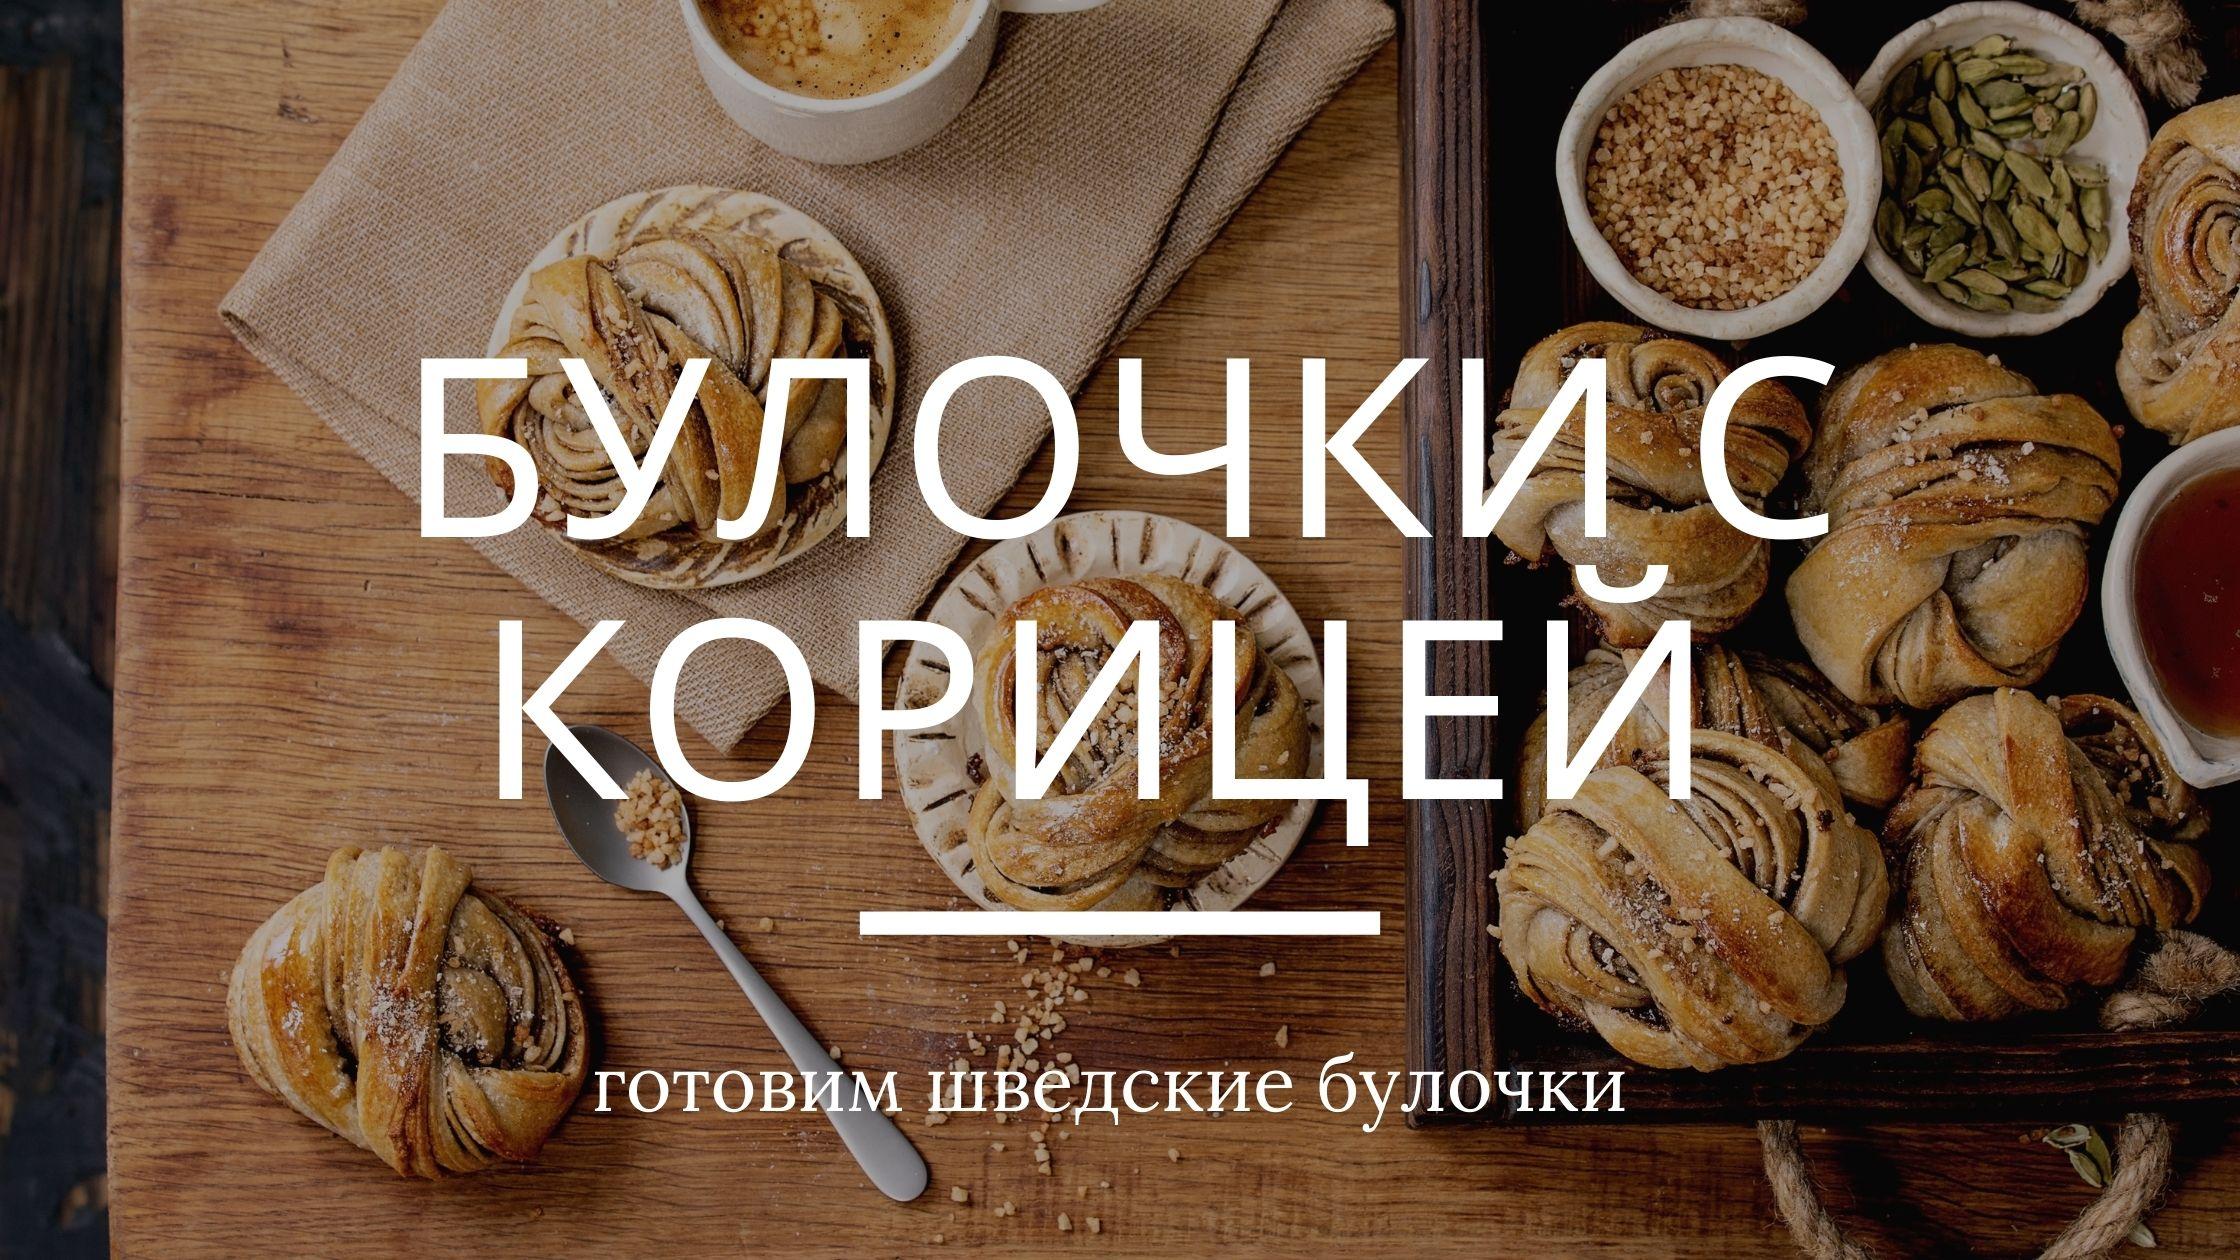 Готовим шведские булочки с корицей